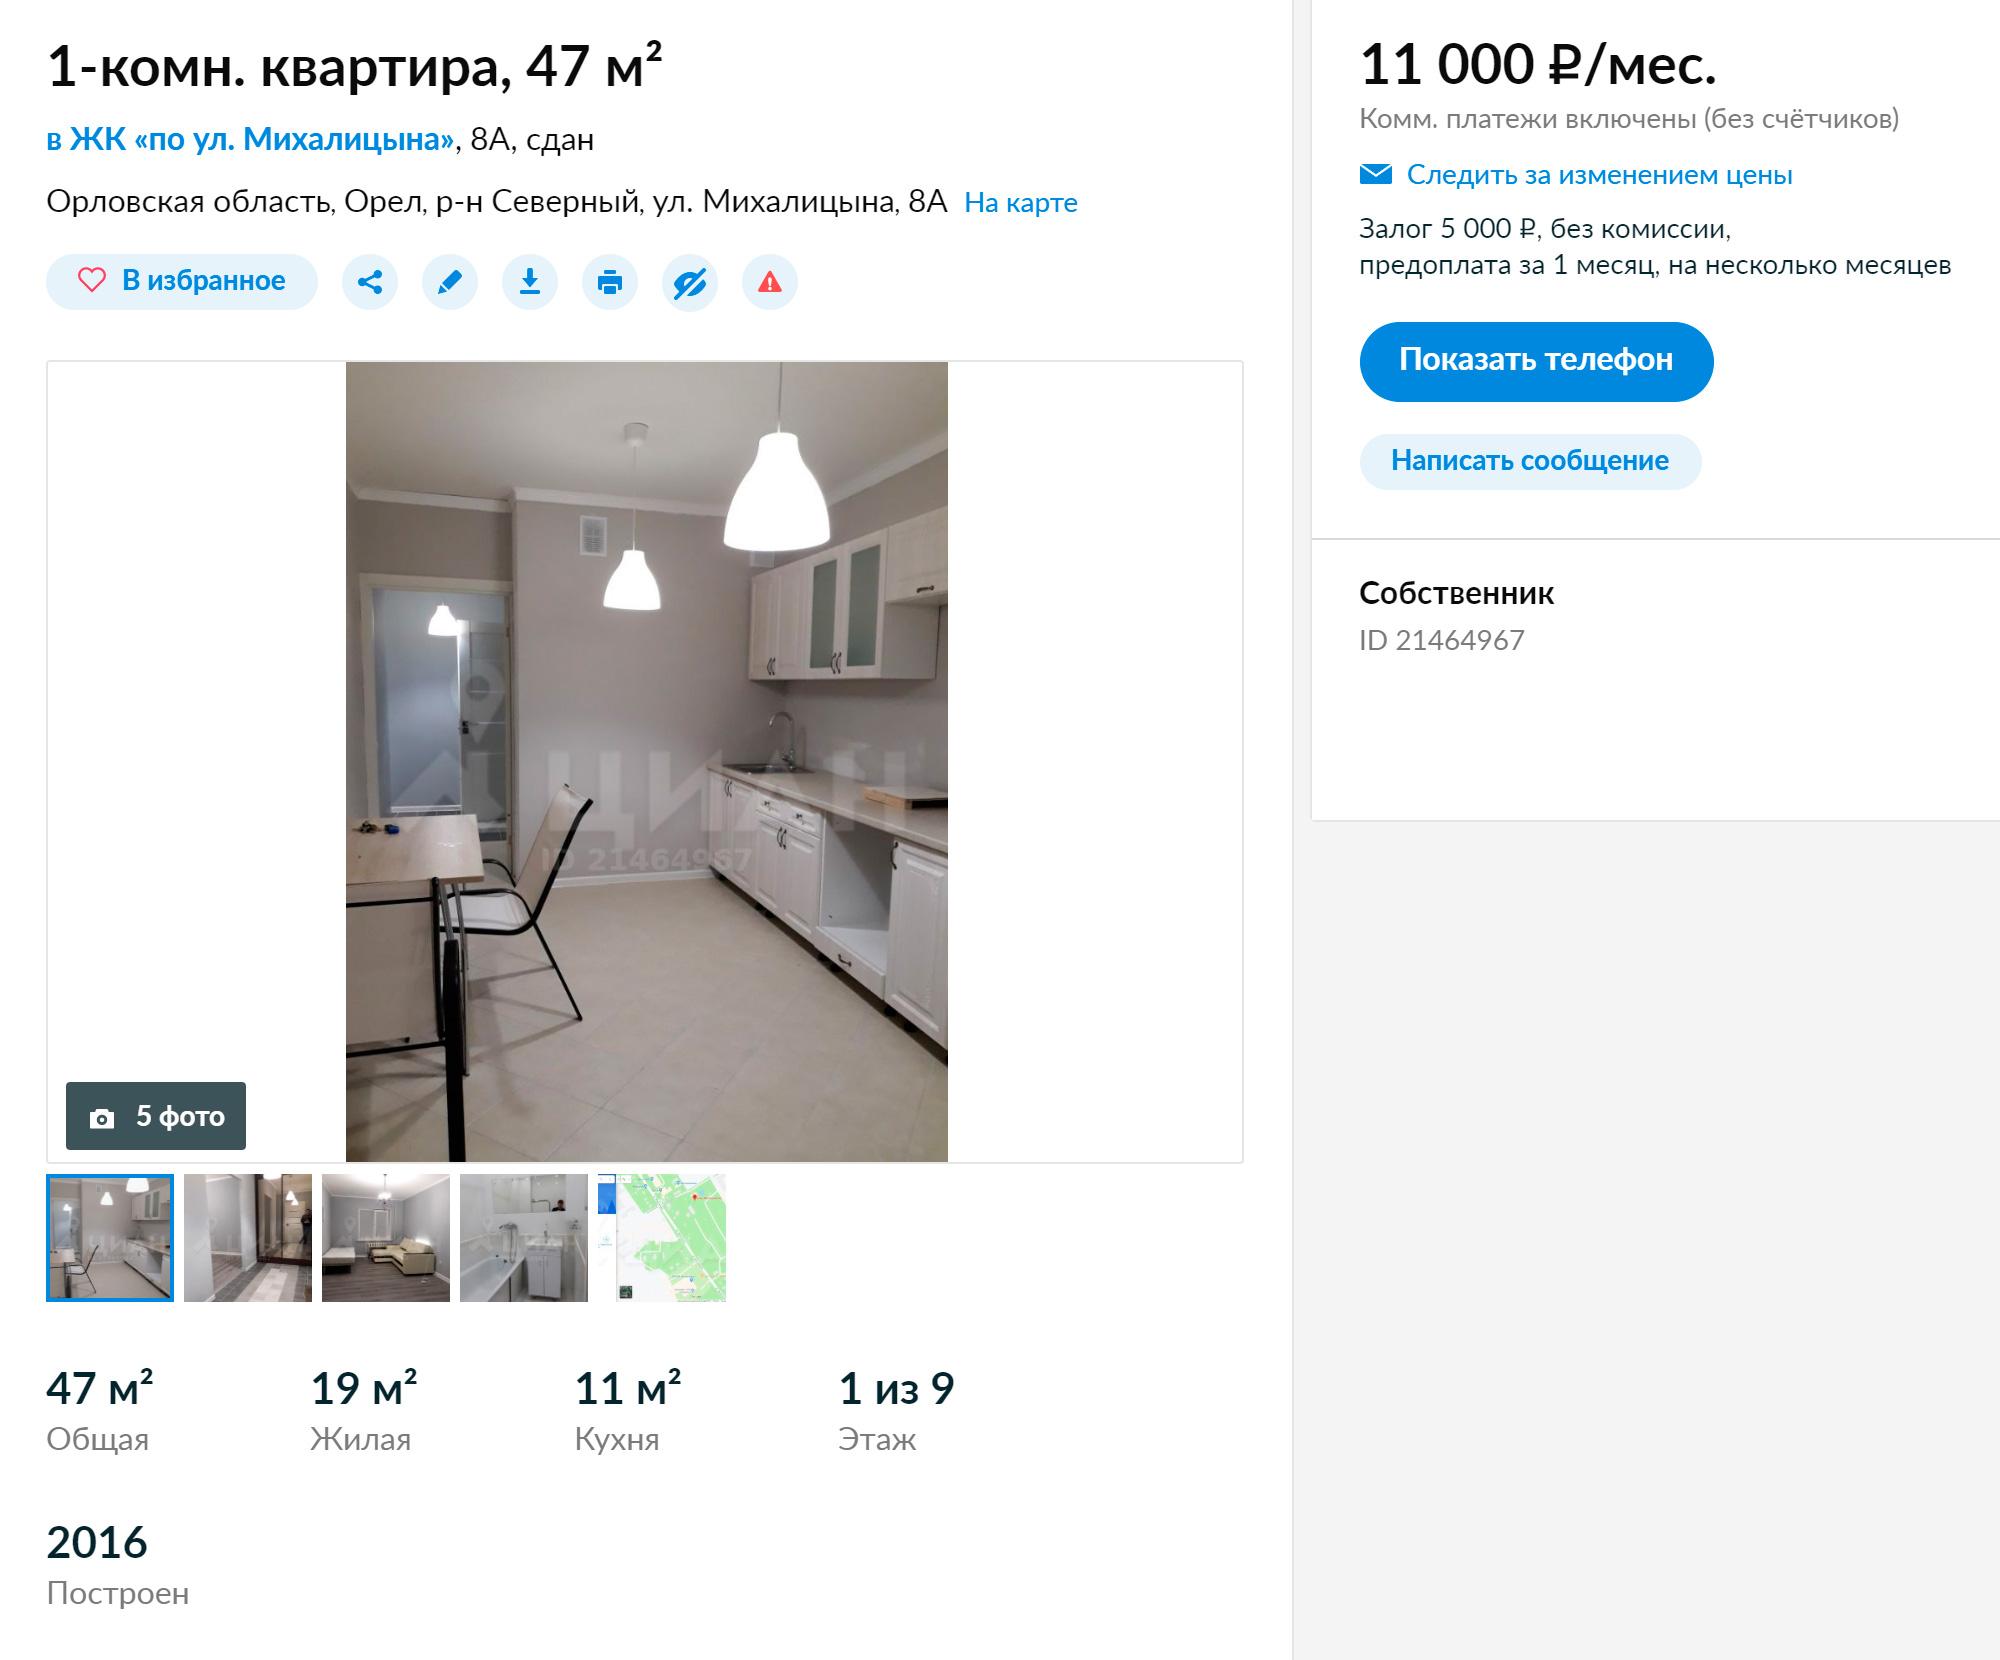 Однушка со свежим ремонтом в Северном районе за 11 000<span class=ruble>Р</span>. Коммунальные платежи включены в стоимость аренды